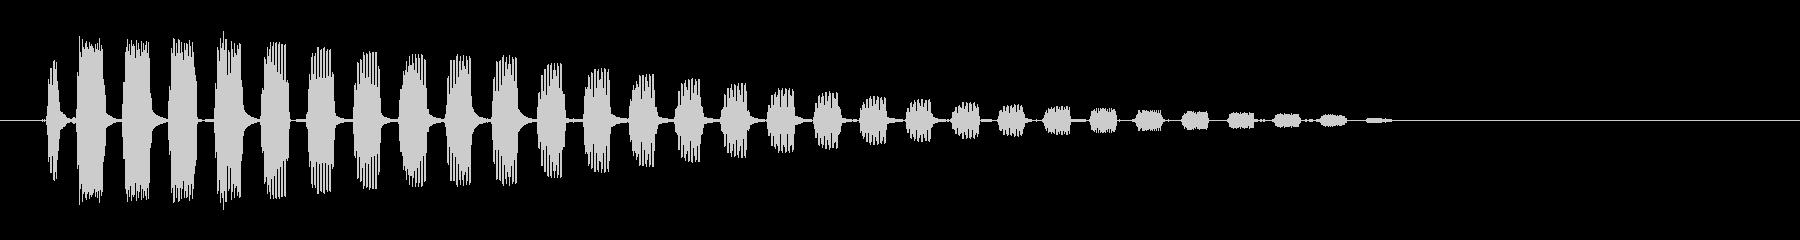 ビヨンッ (生物が跳ねる音)の未再生の波形